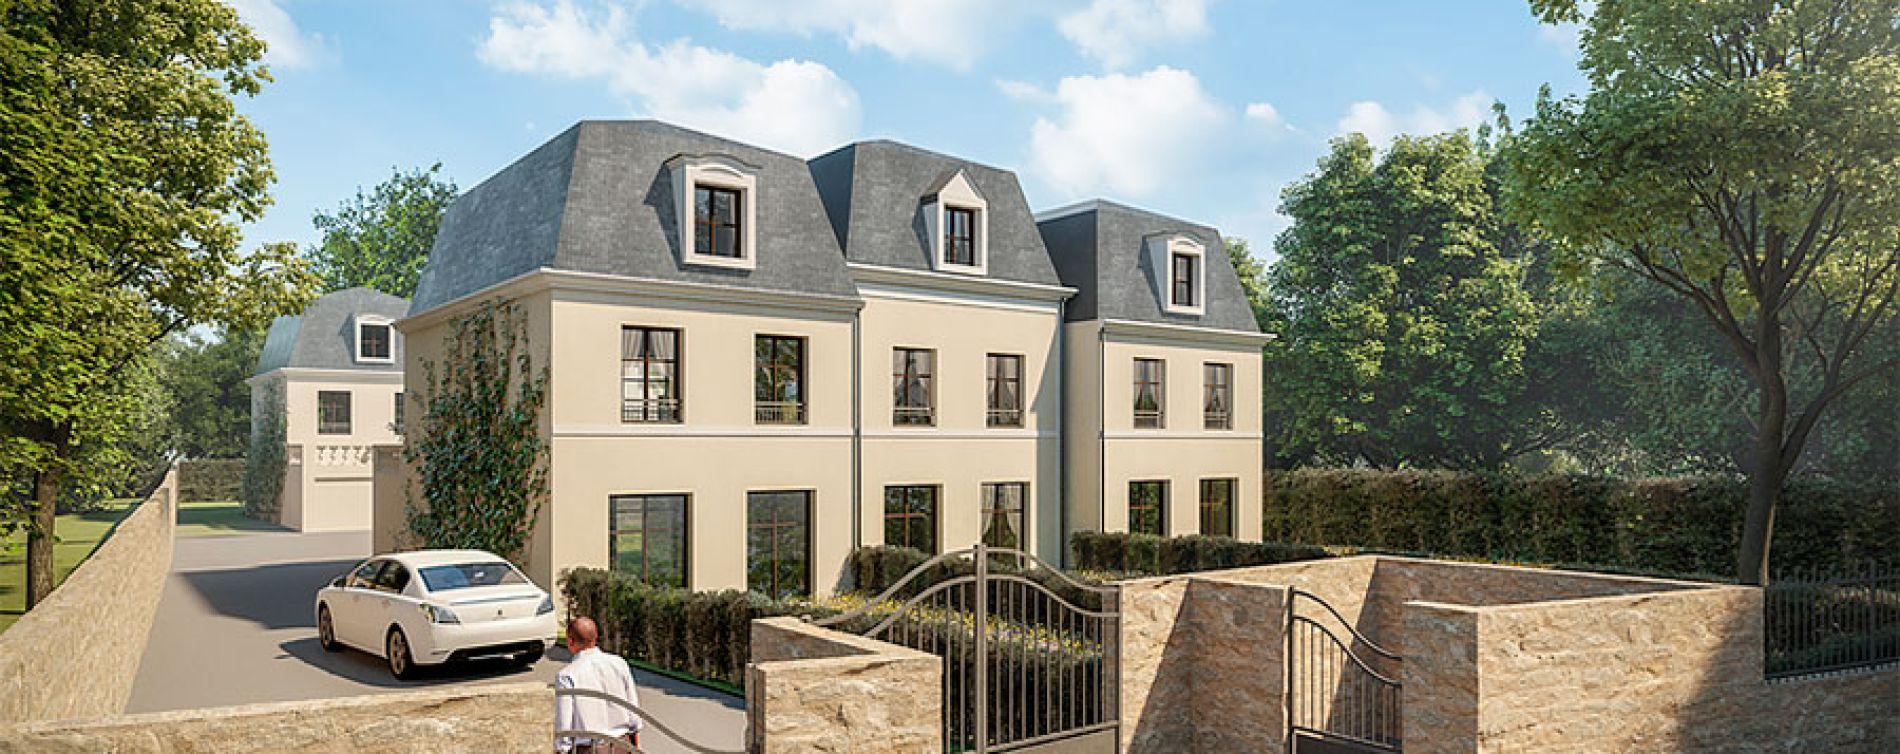 Résidence Les Villas Mansart à Montesson